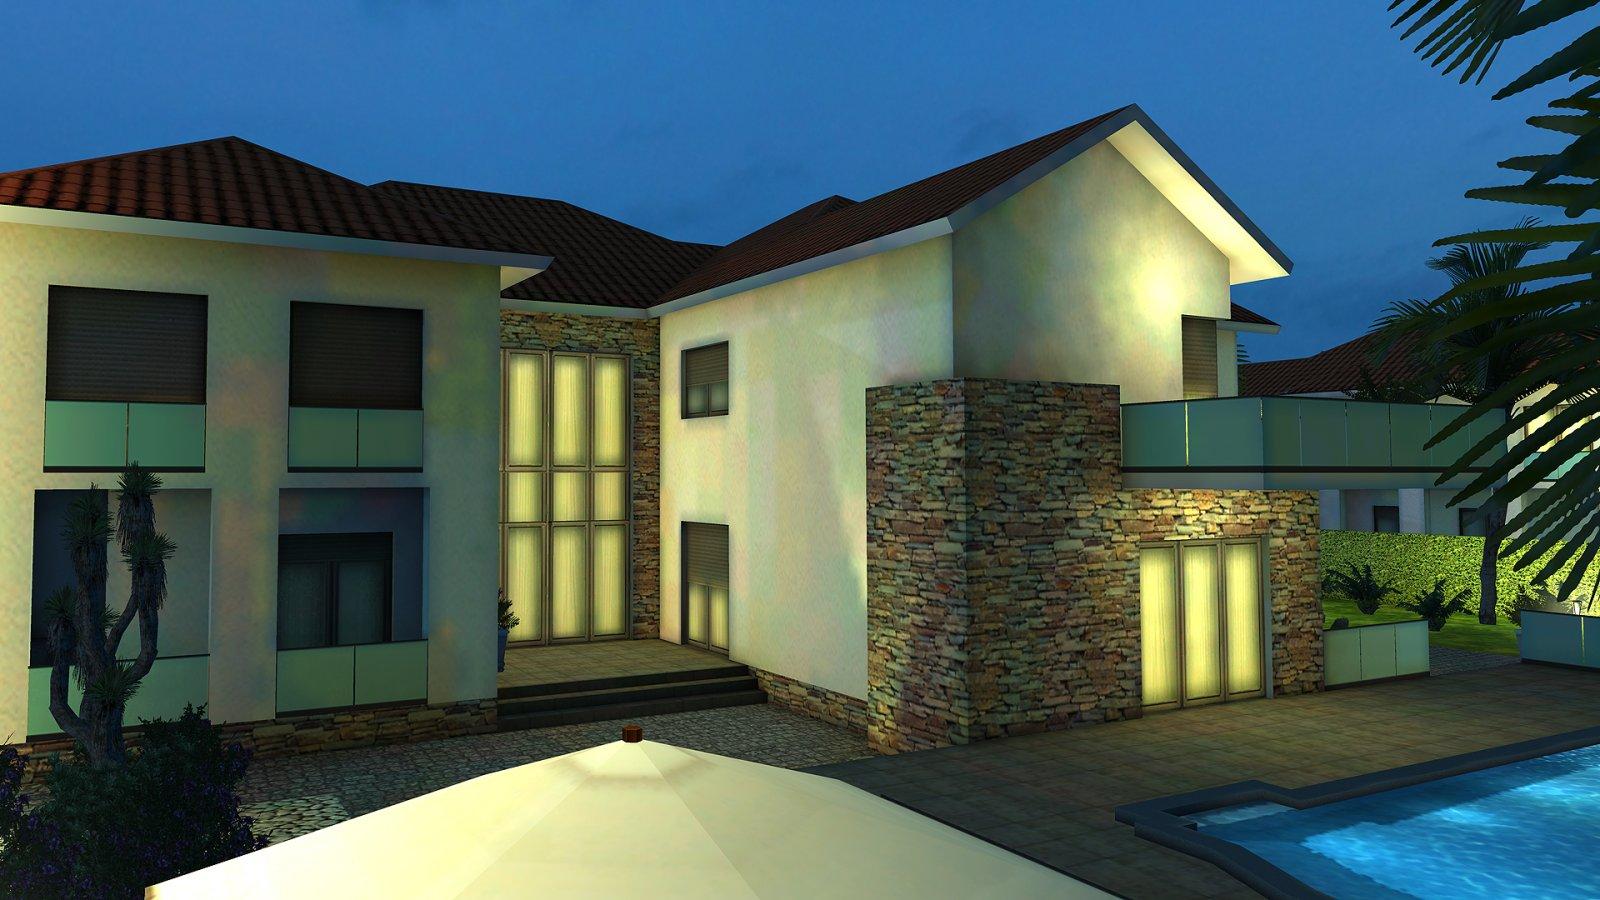 house2_5.jpg